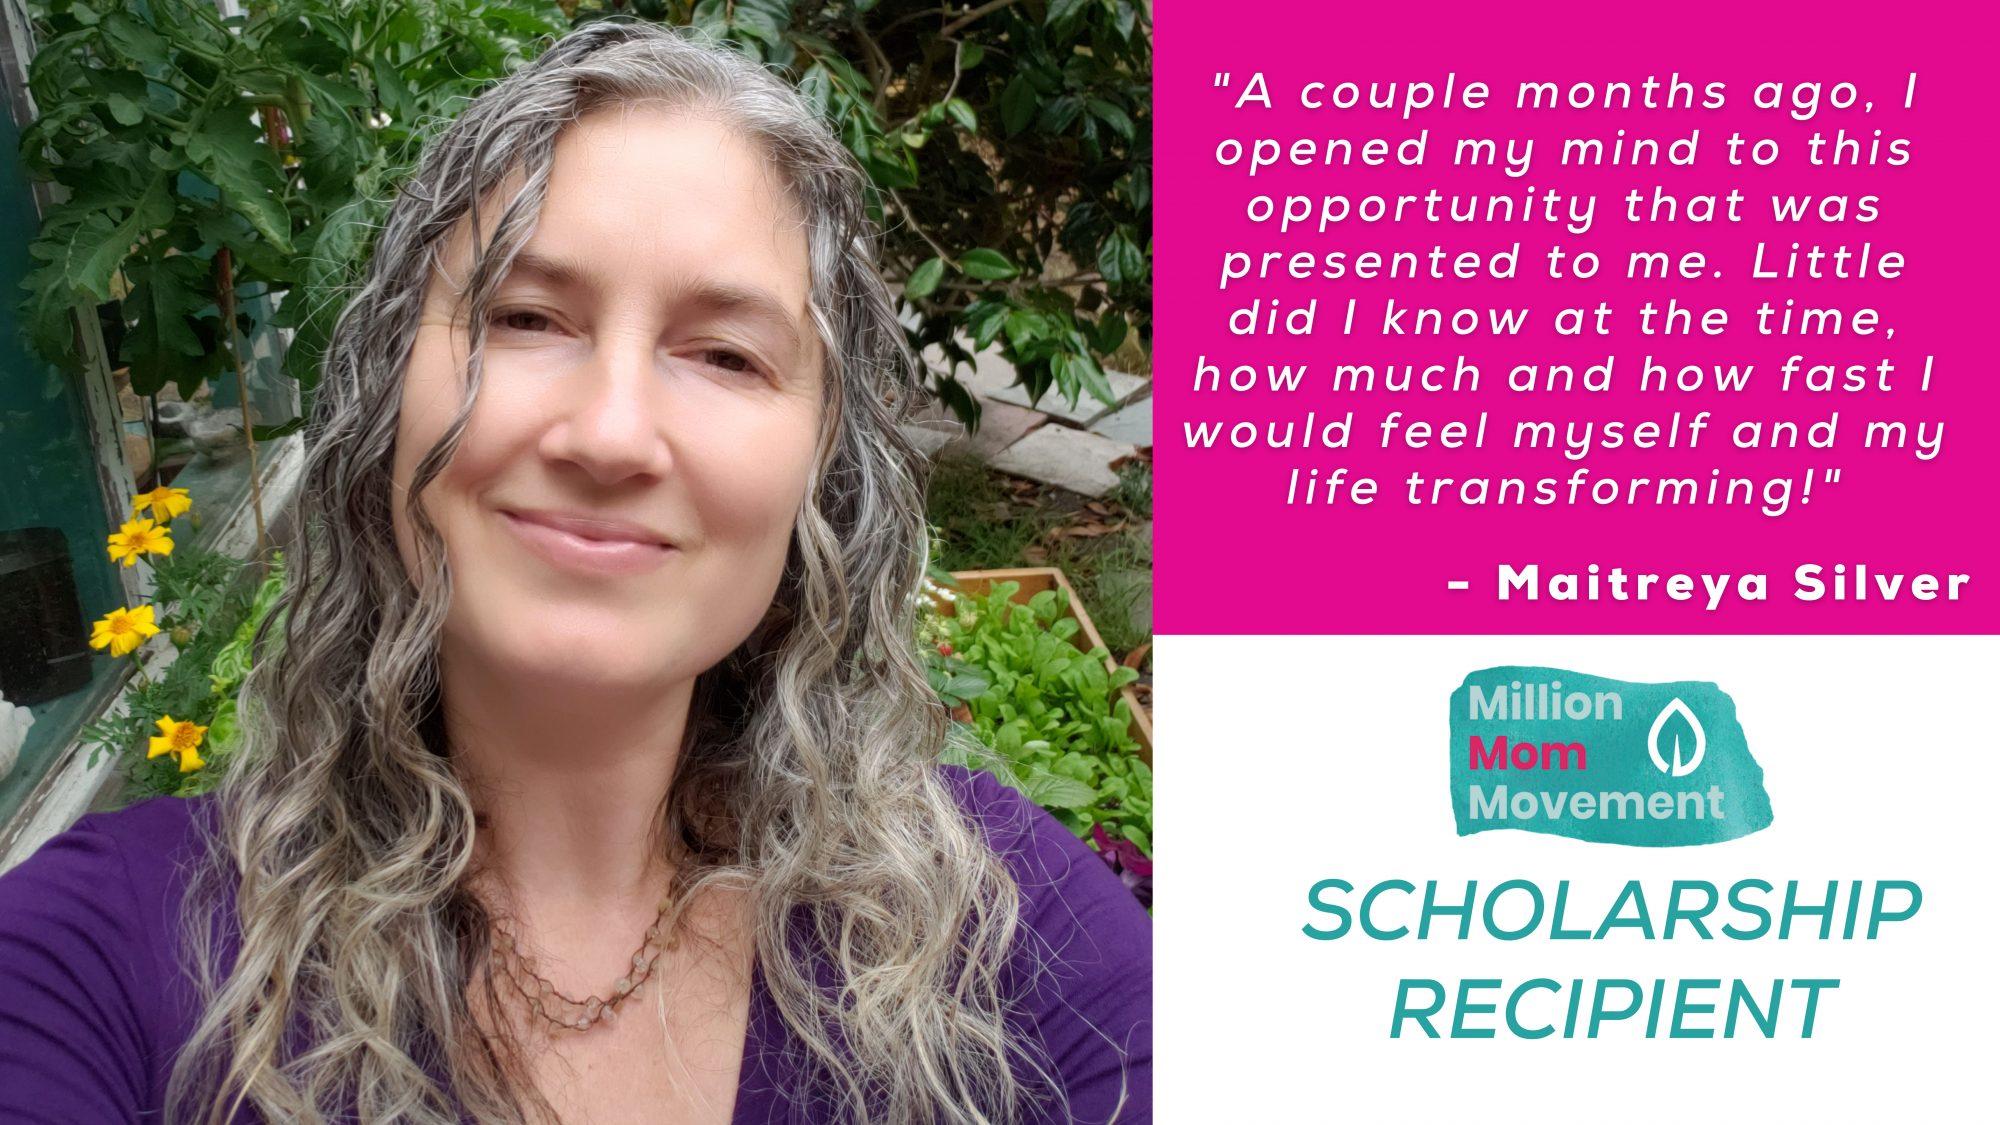 MMM Scholarship Recipient Spotlight: Maitreya Silver